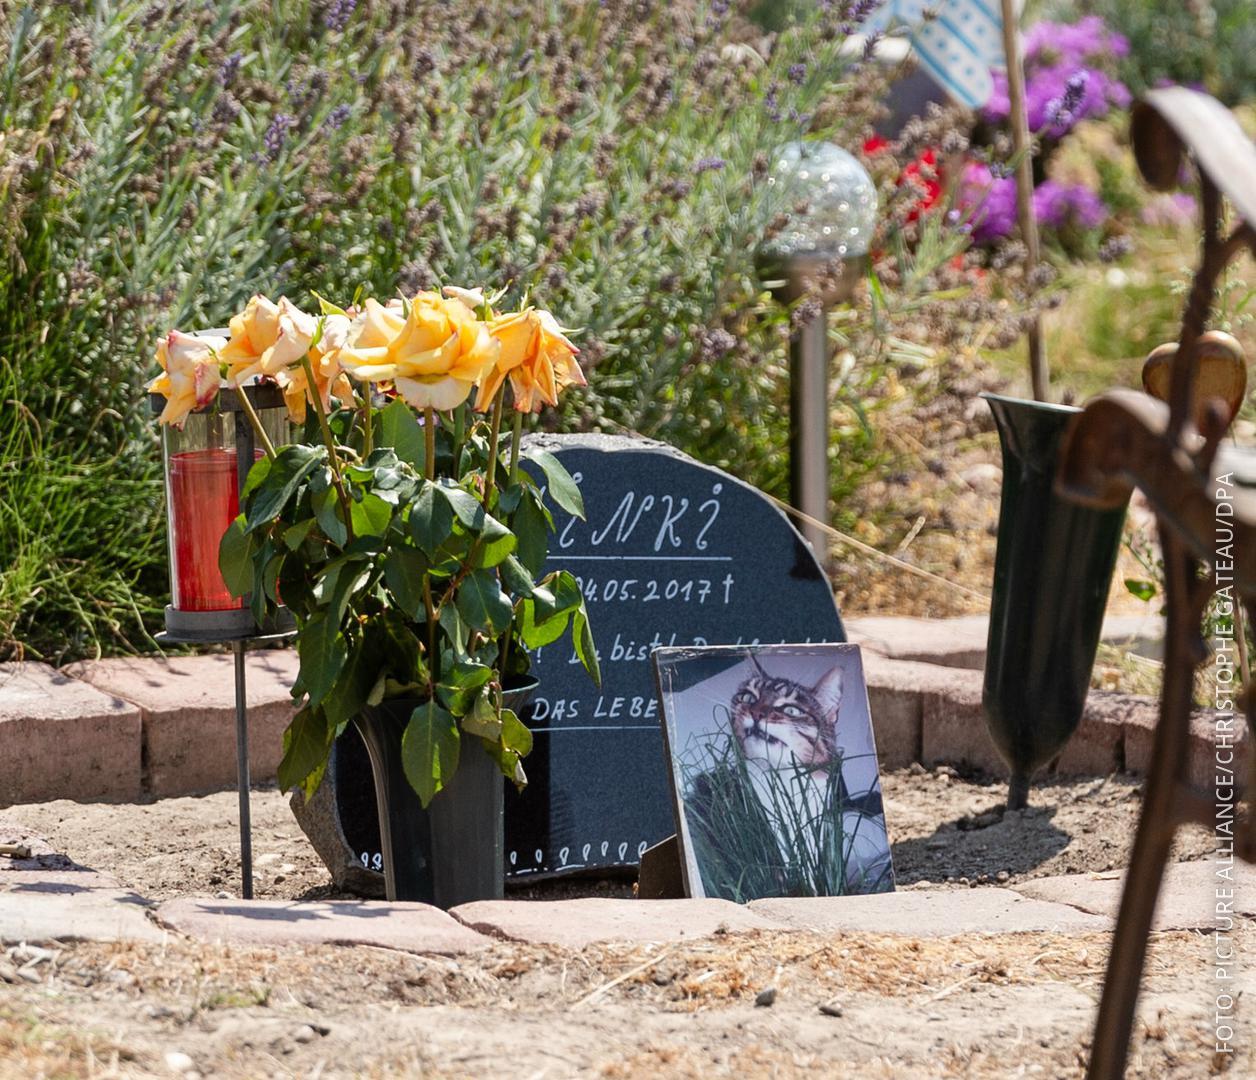 Das Grab von Katze Minki auf dem Tierfriedhof in Mönchengladbach